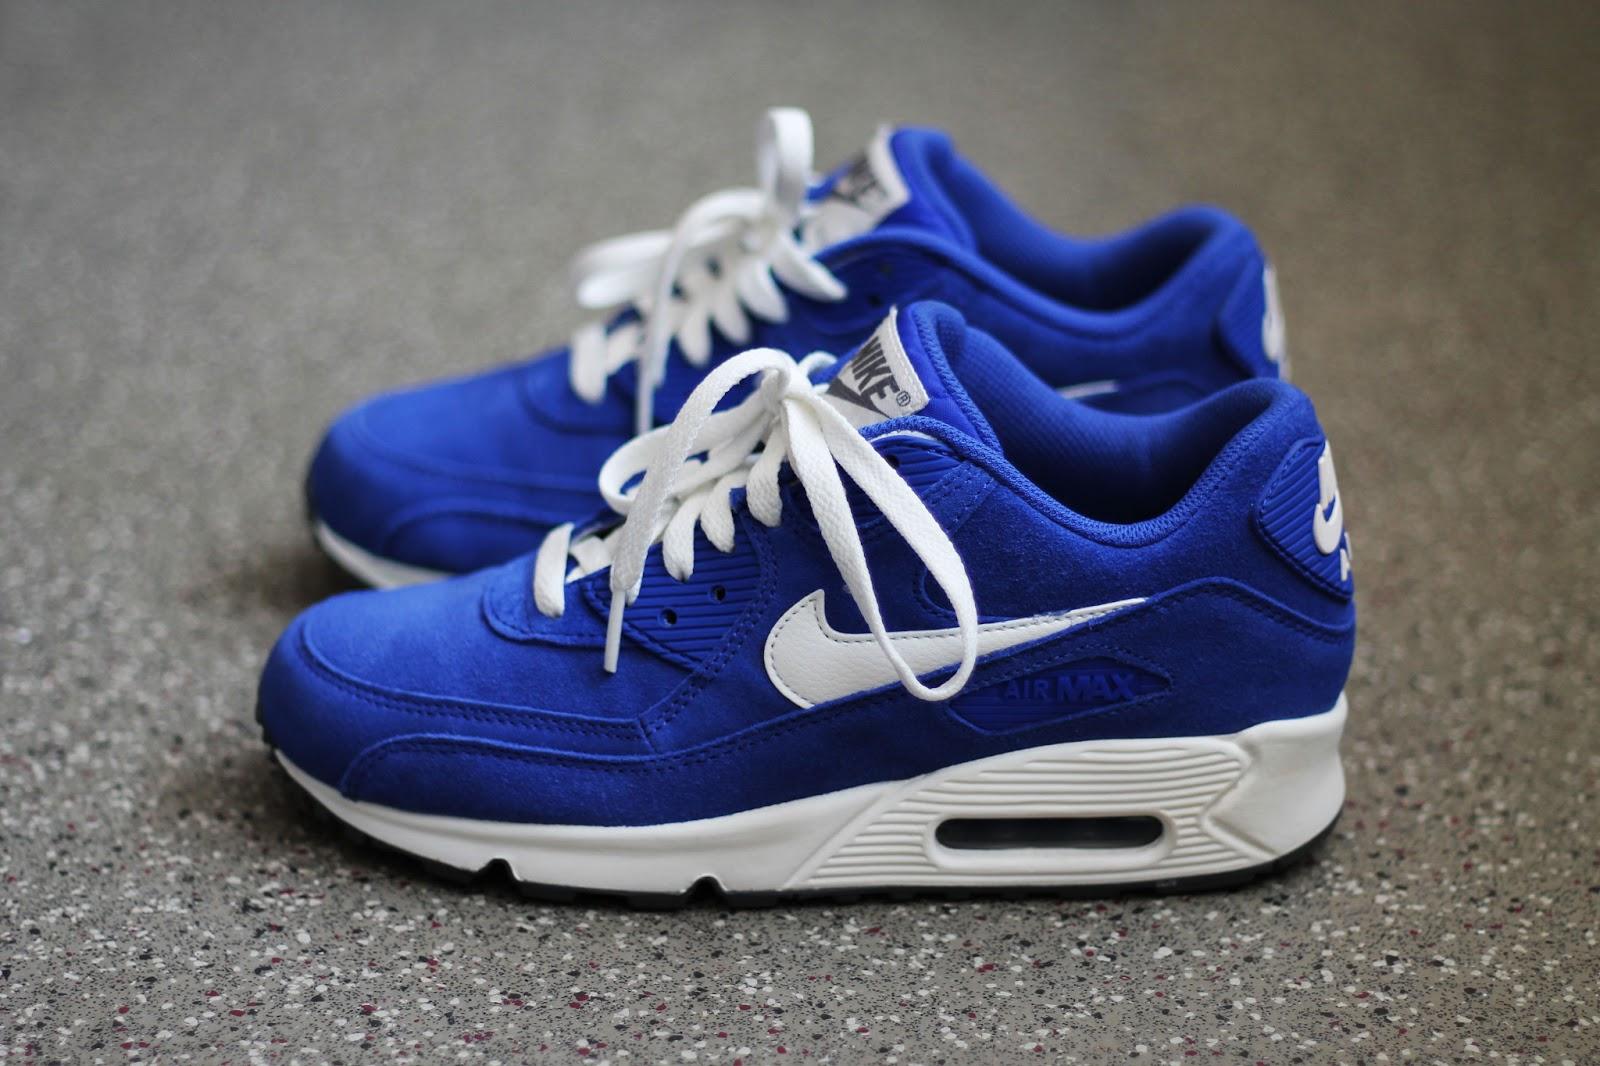 nike air max 90 premium blue